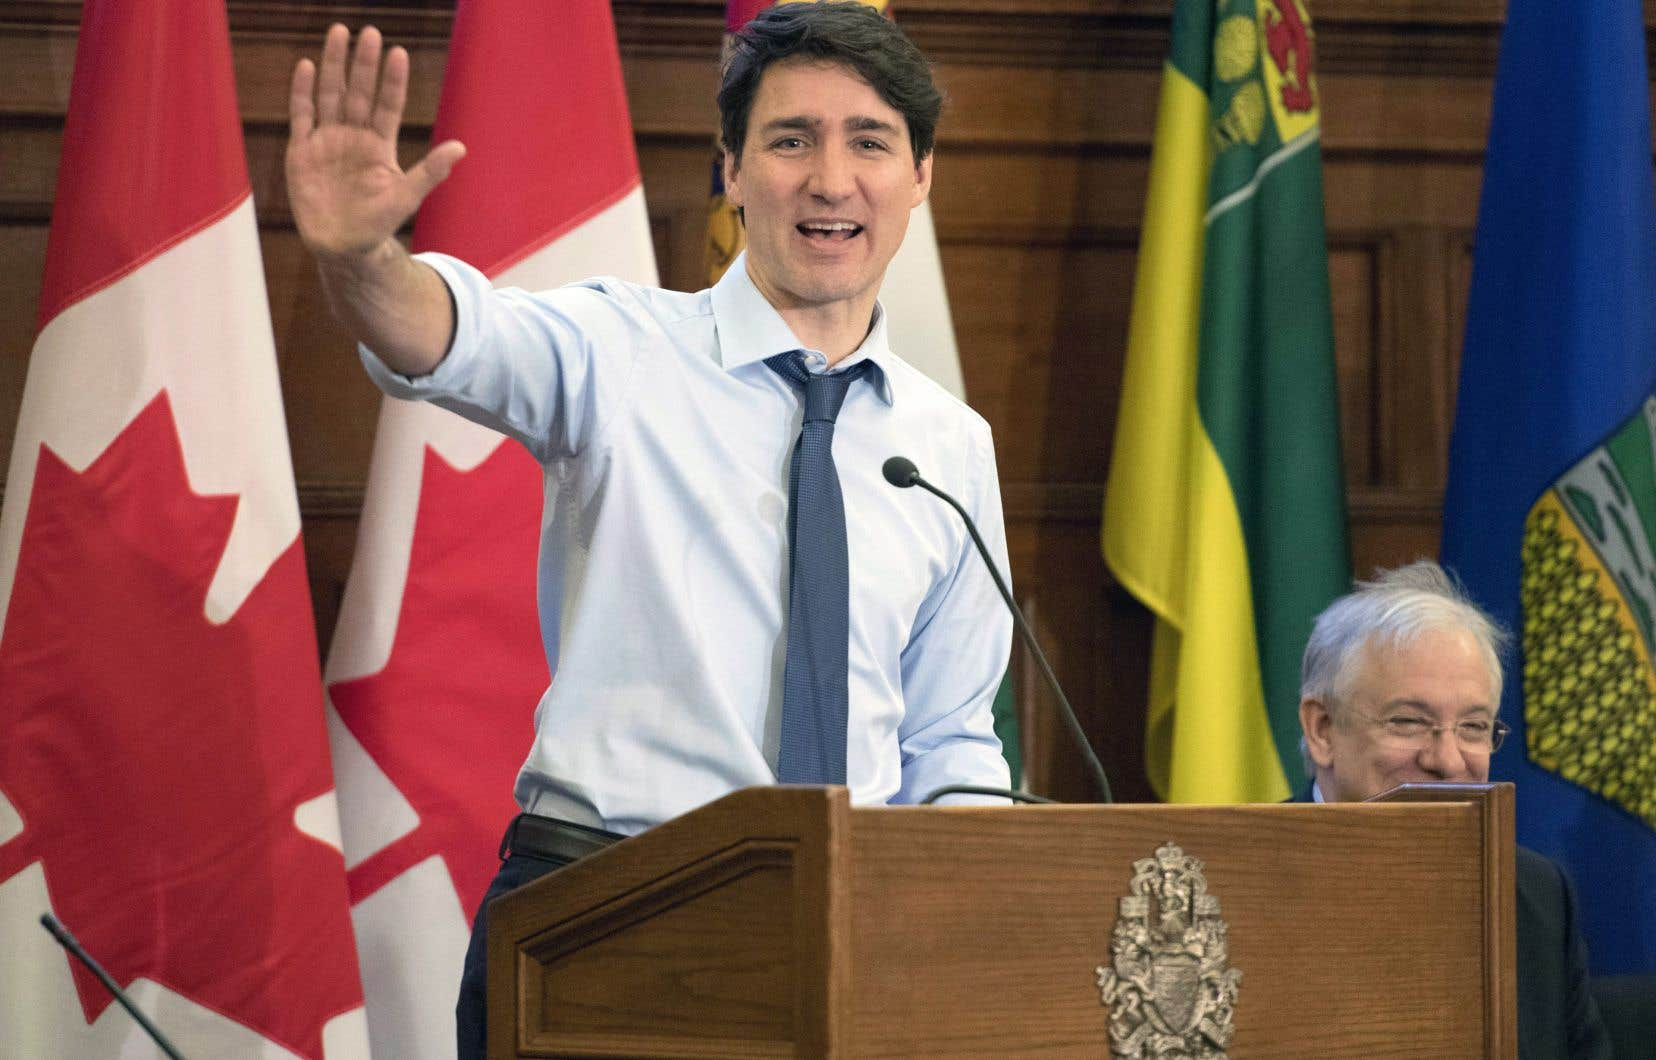 Tout juste rentré du sommet économique de Davos, Justin Trudeau s'est adressé à son caucus national dimanche à Ottawa.